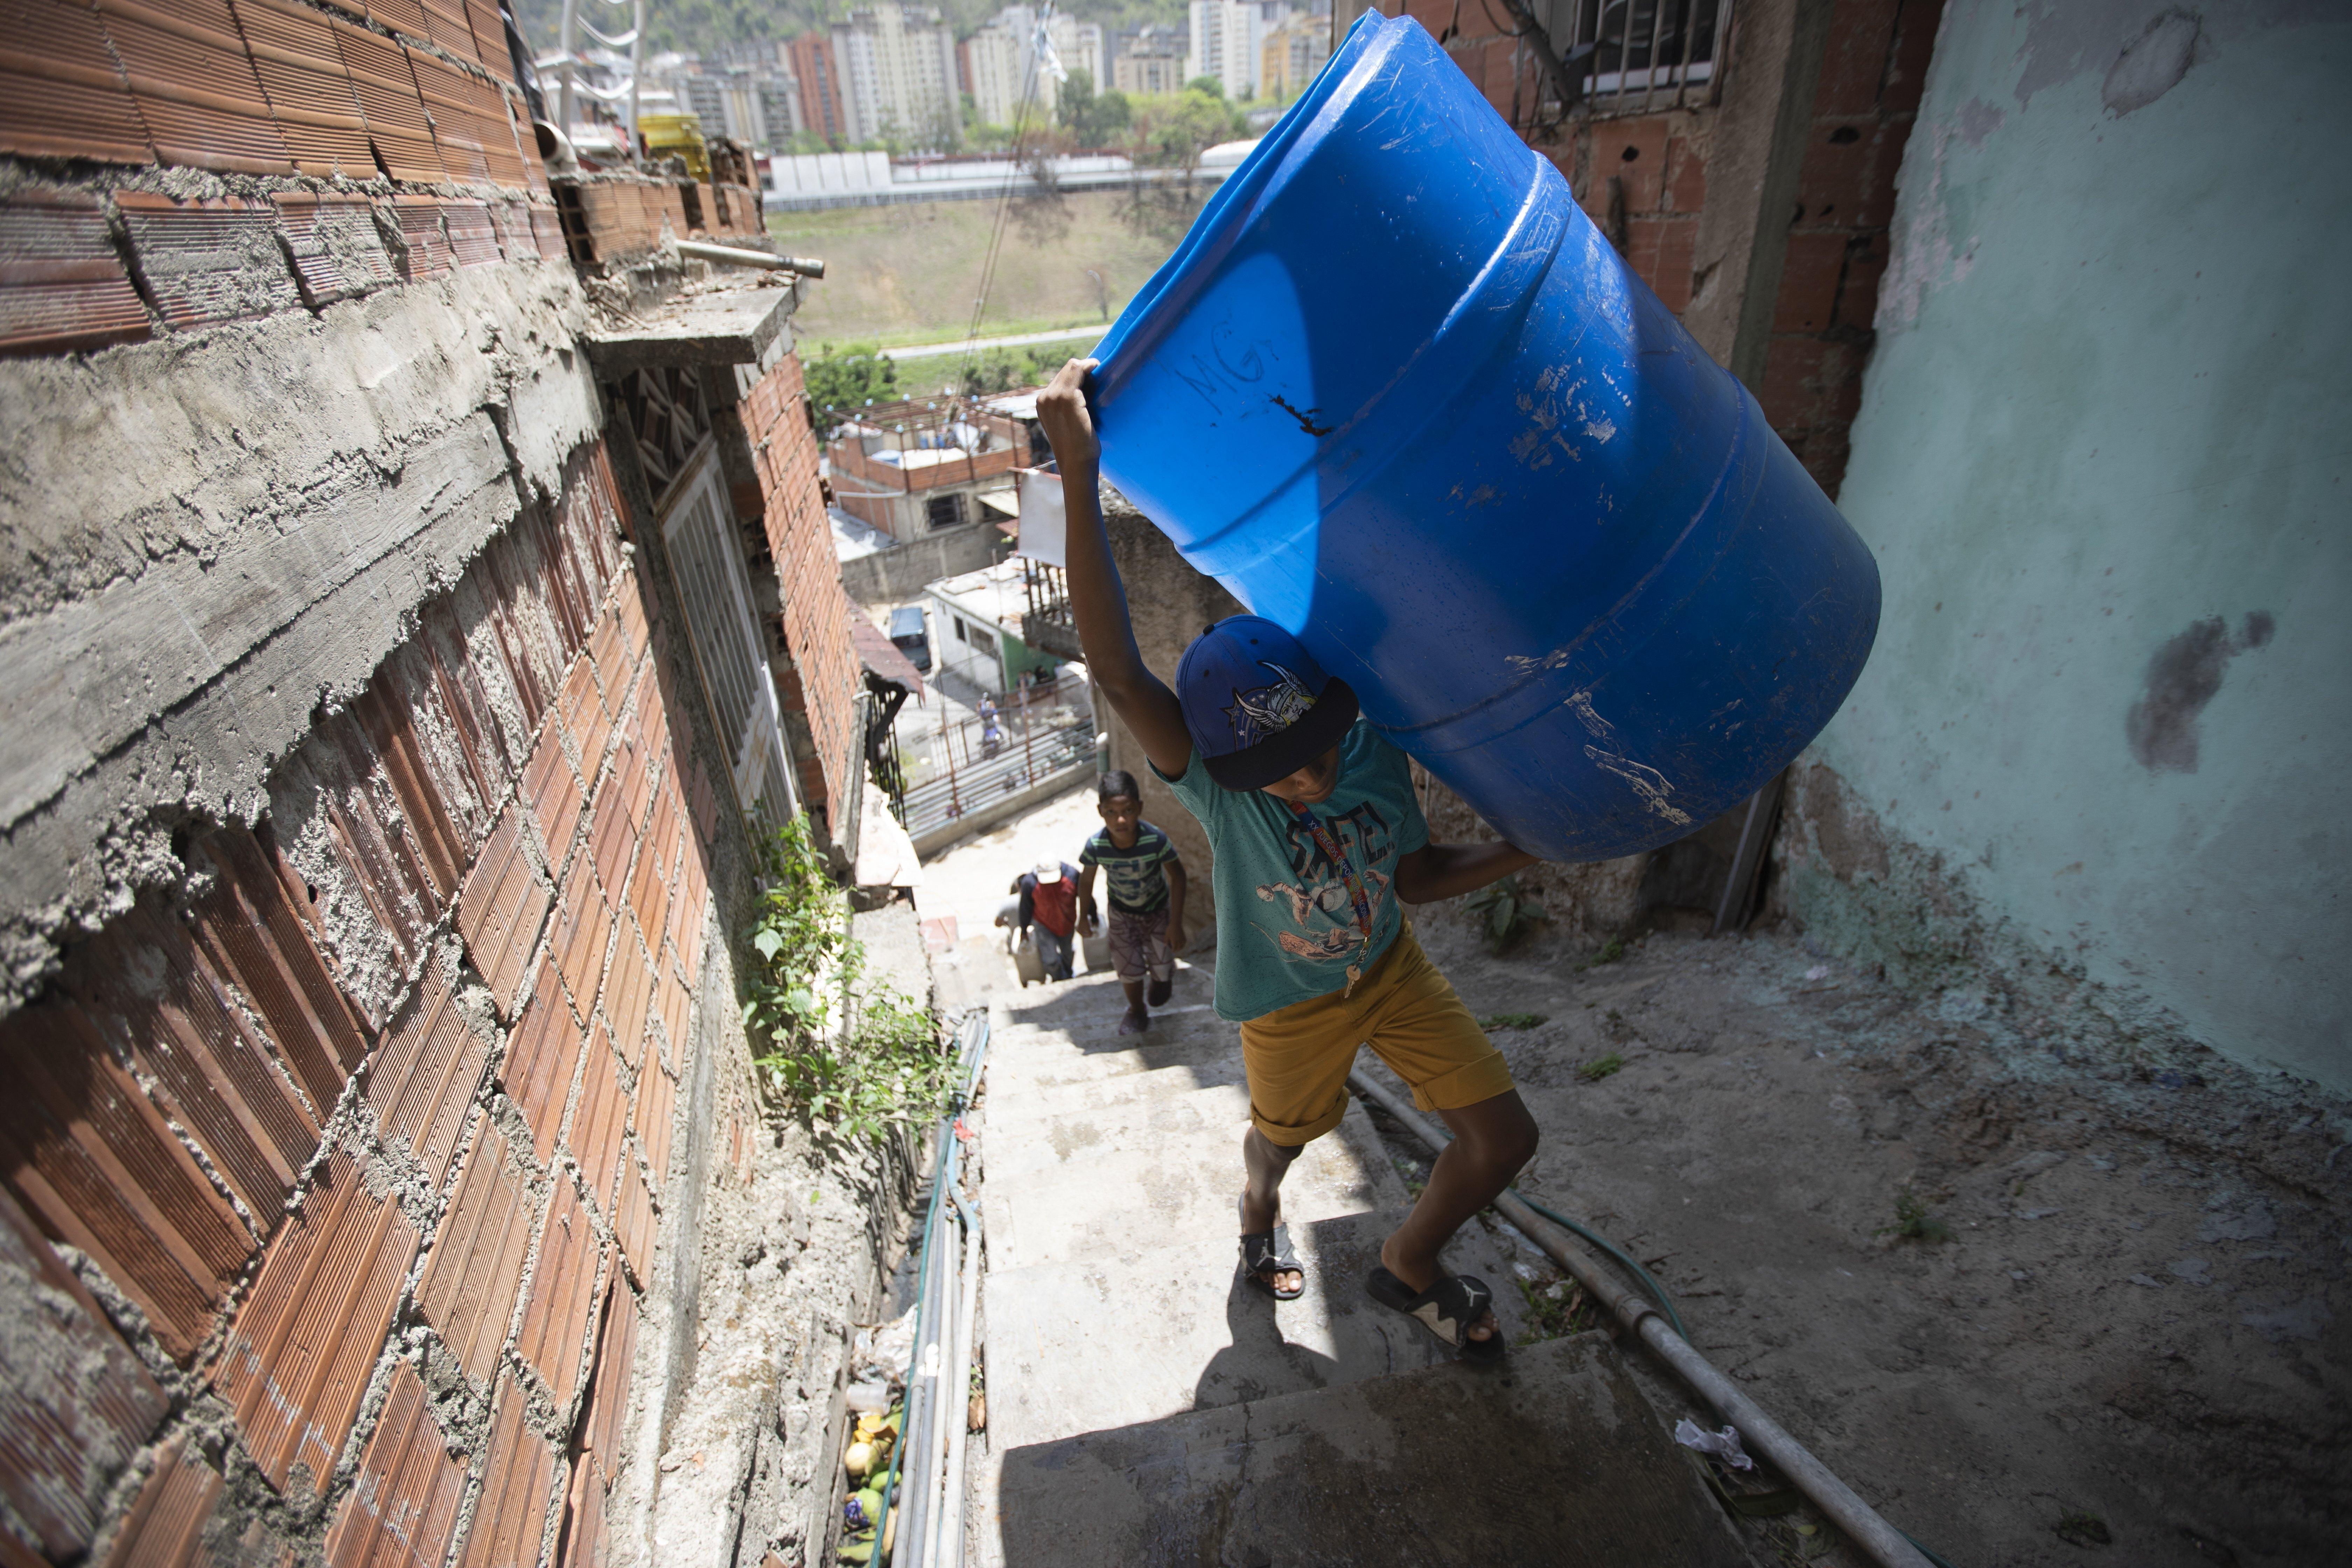 Un niño sube unas escaleras cargado con dos recipientes vacíos que llenará con el agua suministrada por un camión cisterna del gobierno, en el vecindario de Petare, en Caracas, Venezuela, el 15 de junio de 2020. El colapso económico de Venezuela ha dejado a la mayoría de los hogares sin un suministro de agua corriente confiable. (AP Foto/Ariana Cubillos)